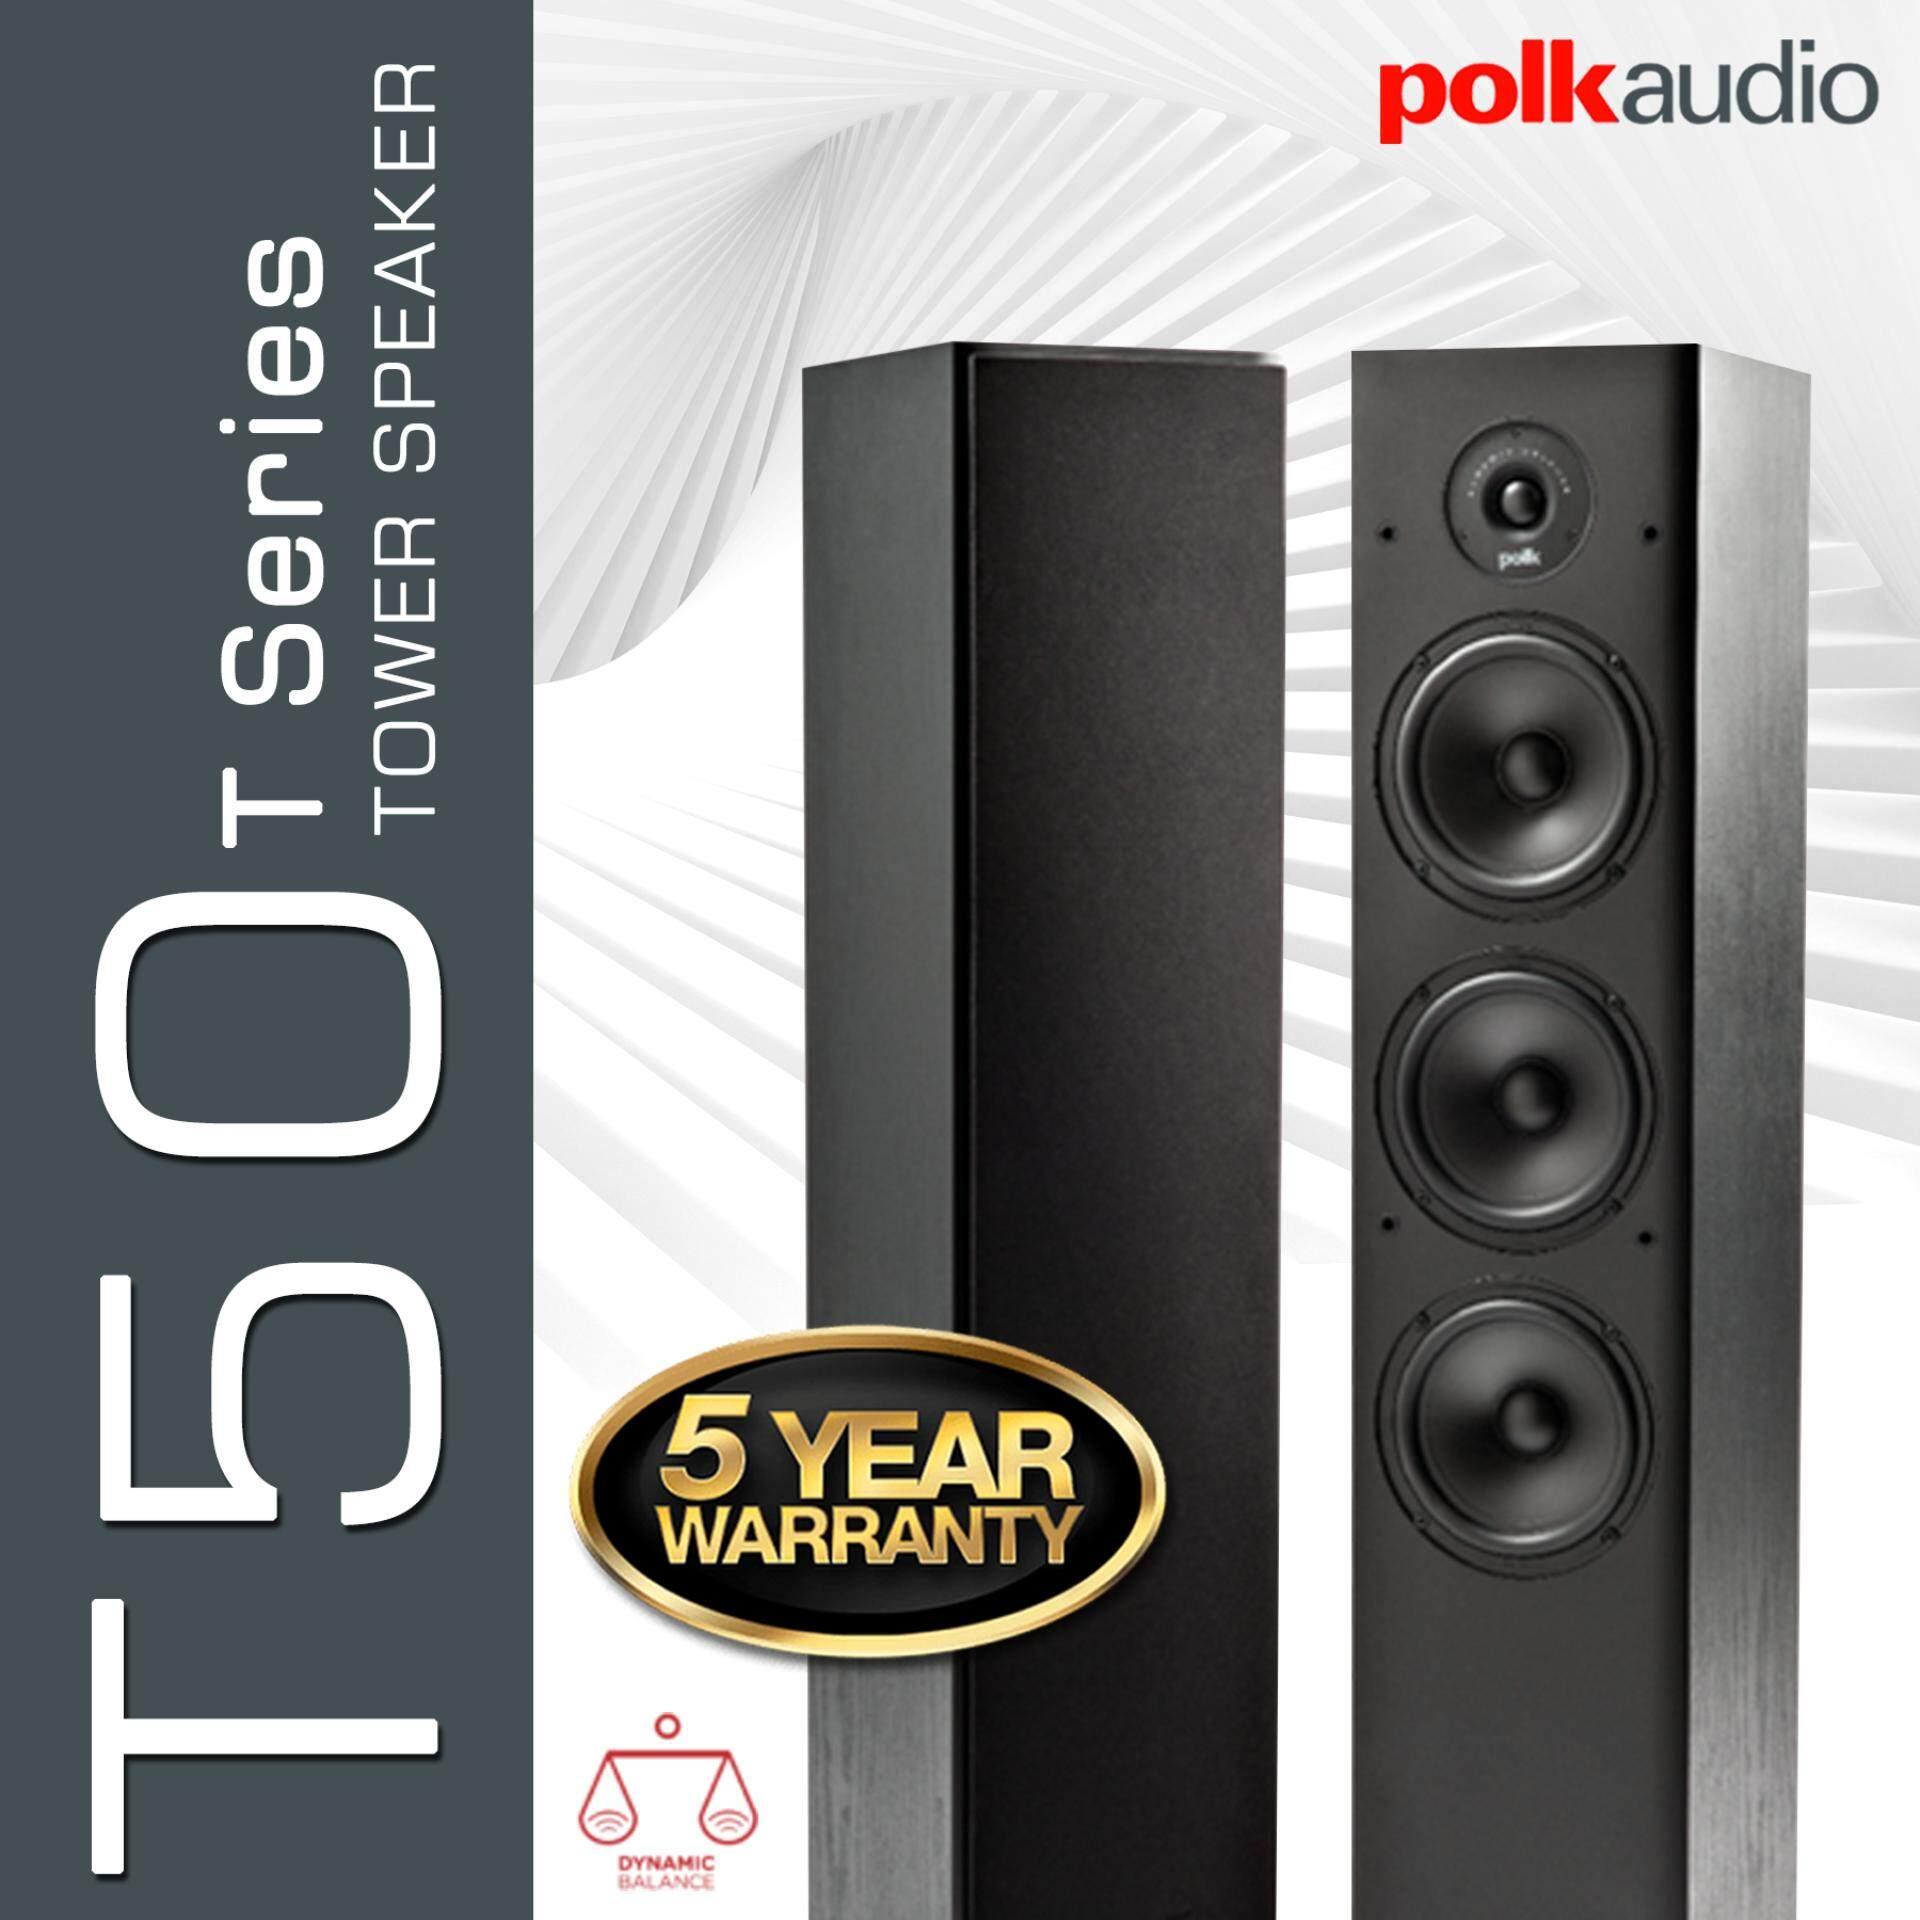 ยี่ห้อนี้ดีไหม  เชียงใหม่ Polk Audio T50 - Home Theater And Music Floor Standing (Black) รับประกัน 5ปี ศูนย์ POWER BUY จากผู้นำเข้าอย่างเป็นทางการ ราคาต่อ ลำโพง 1คู่ ได้ลำโพง2ตัว ซ้าย-ขวา